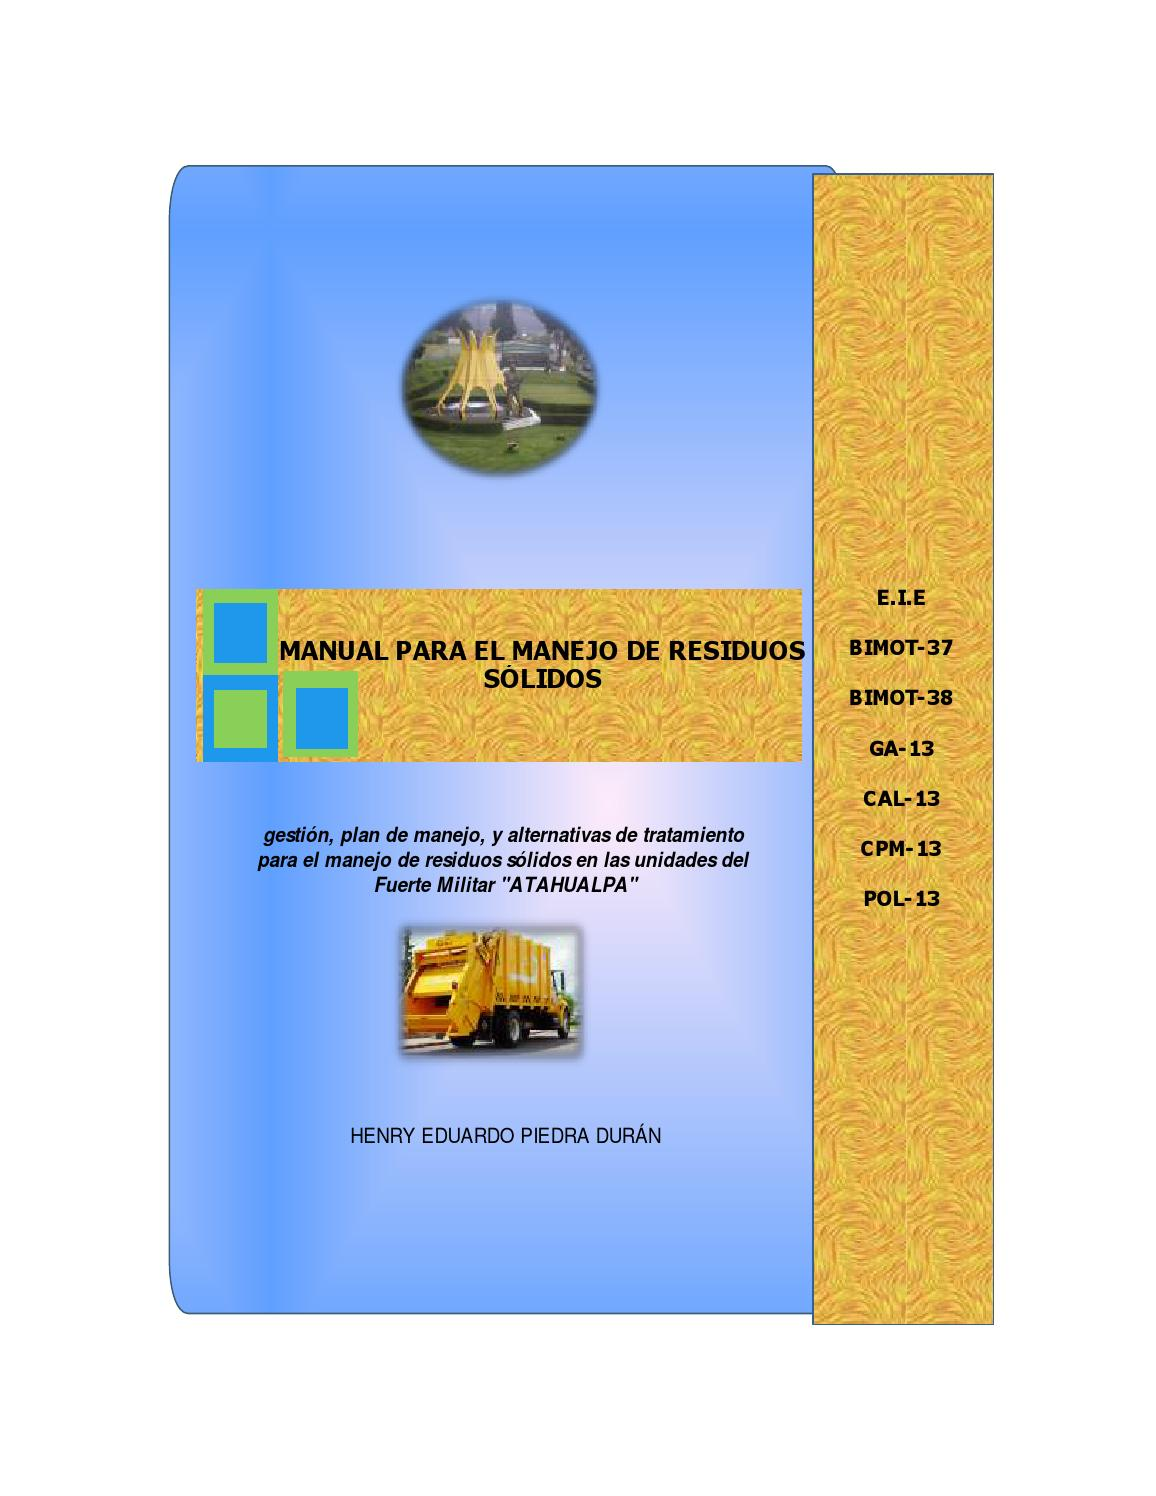 Manual de residuos sólidos para el fma by Henry Eduardo Piedra Durán ...